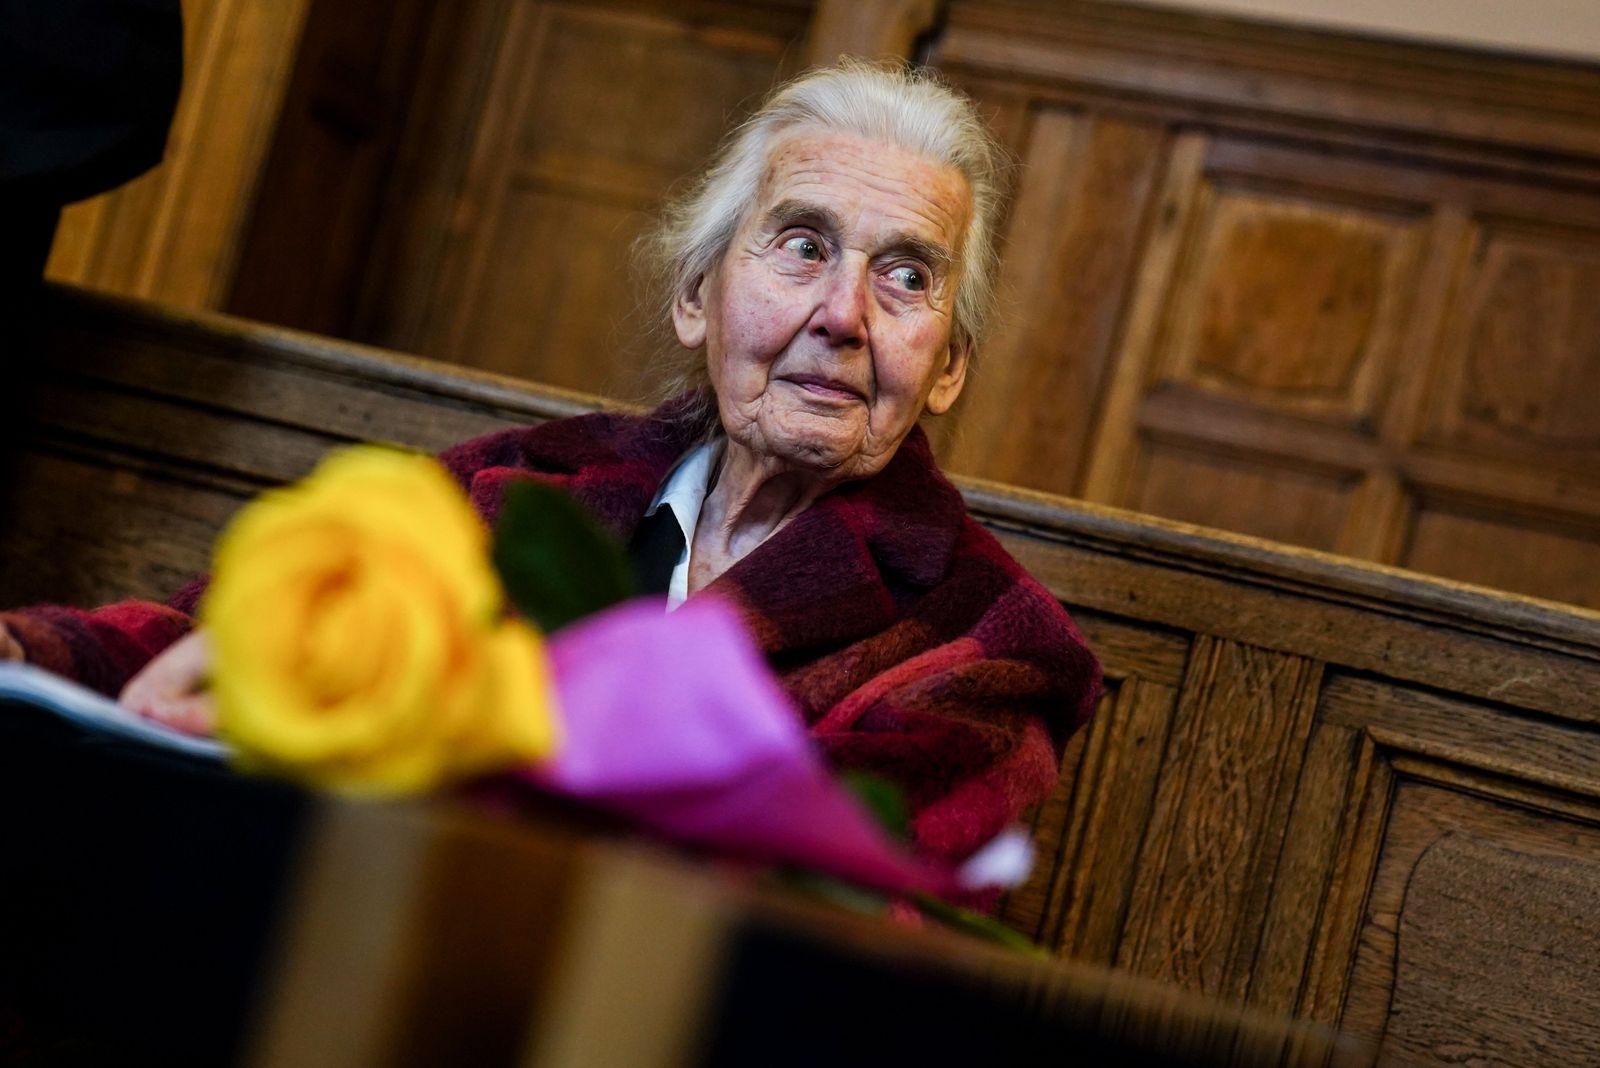 Trial against The Holocaust denier Ursula Haverbeck, Berlin, Germany - 17 Nov 2020